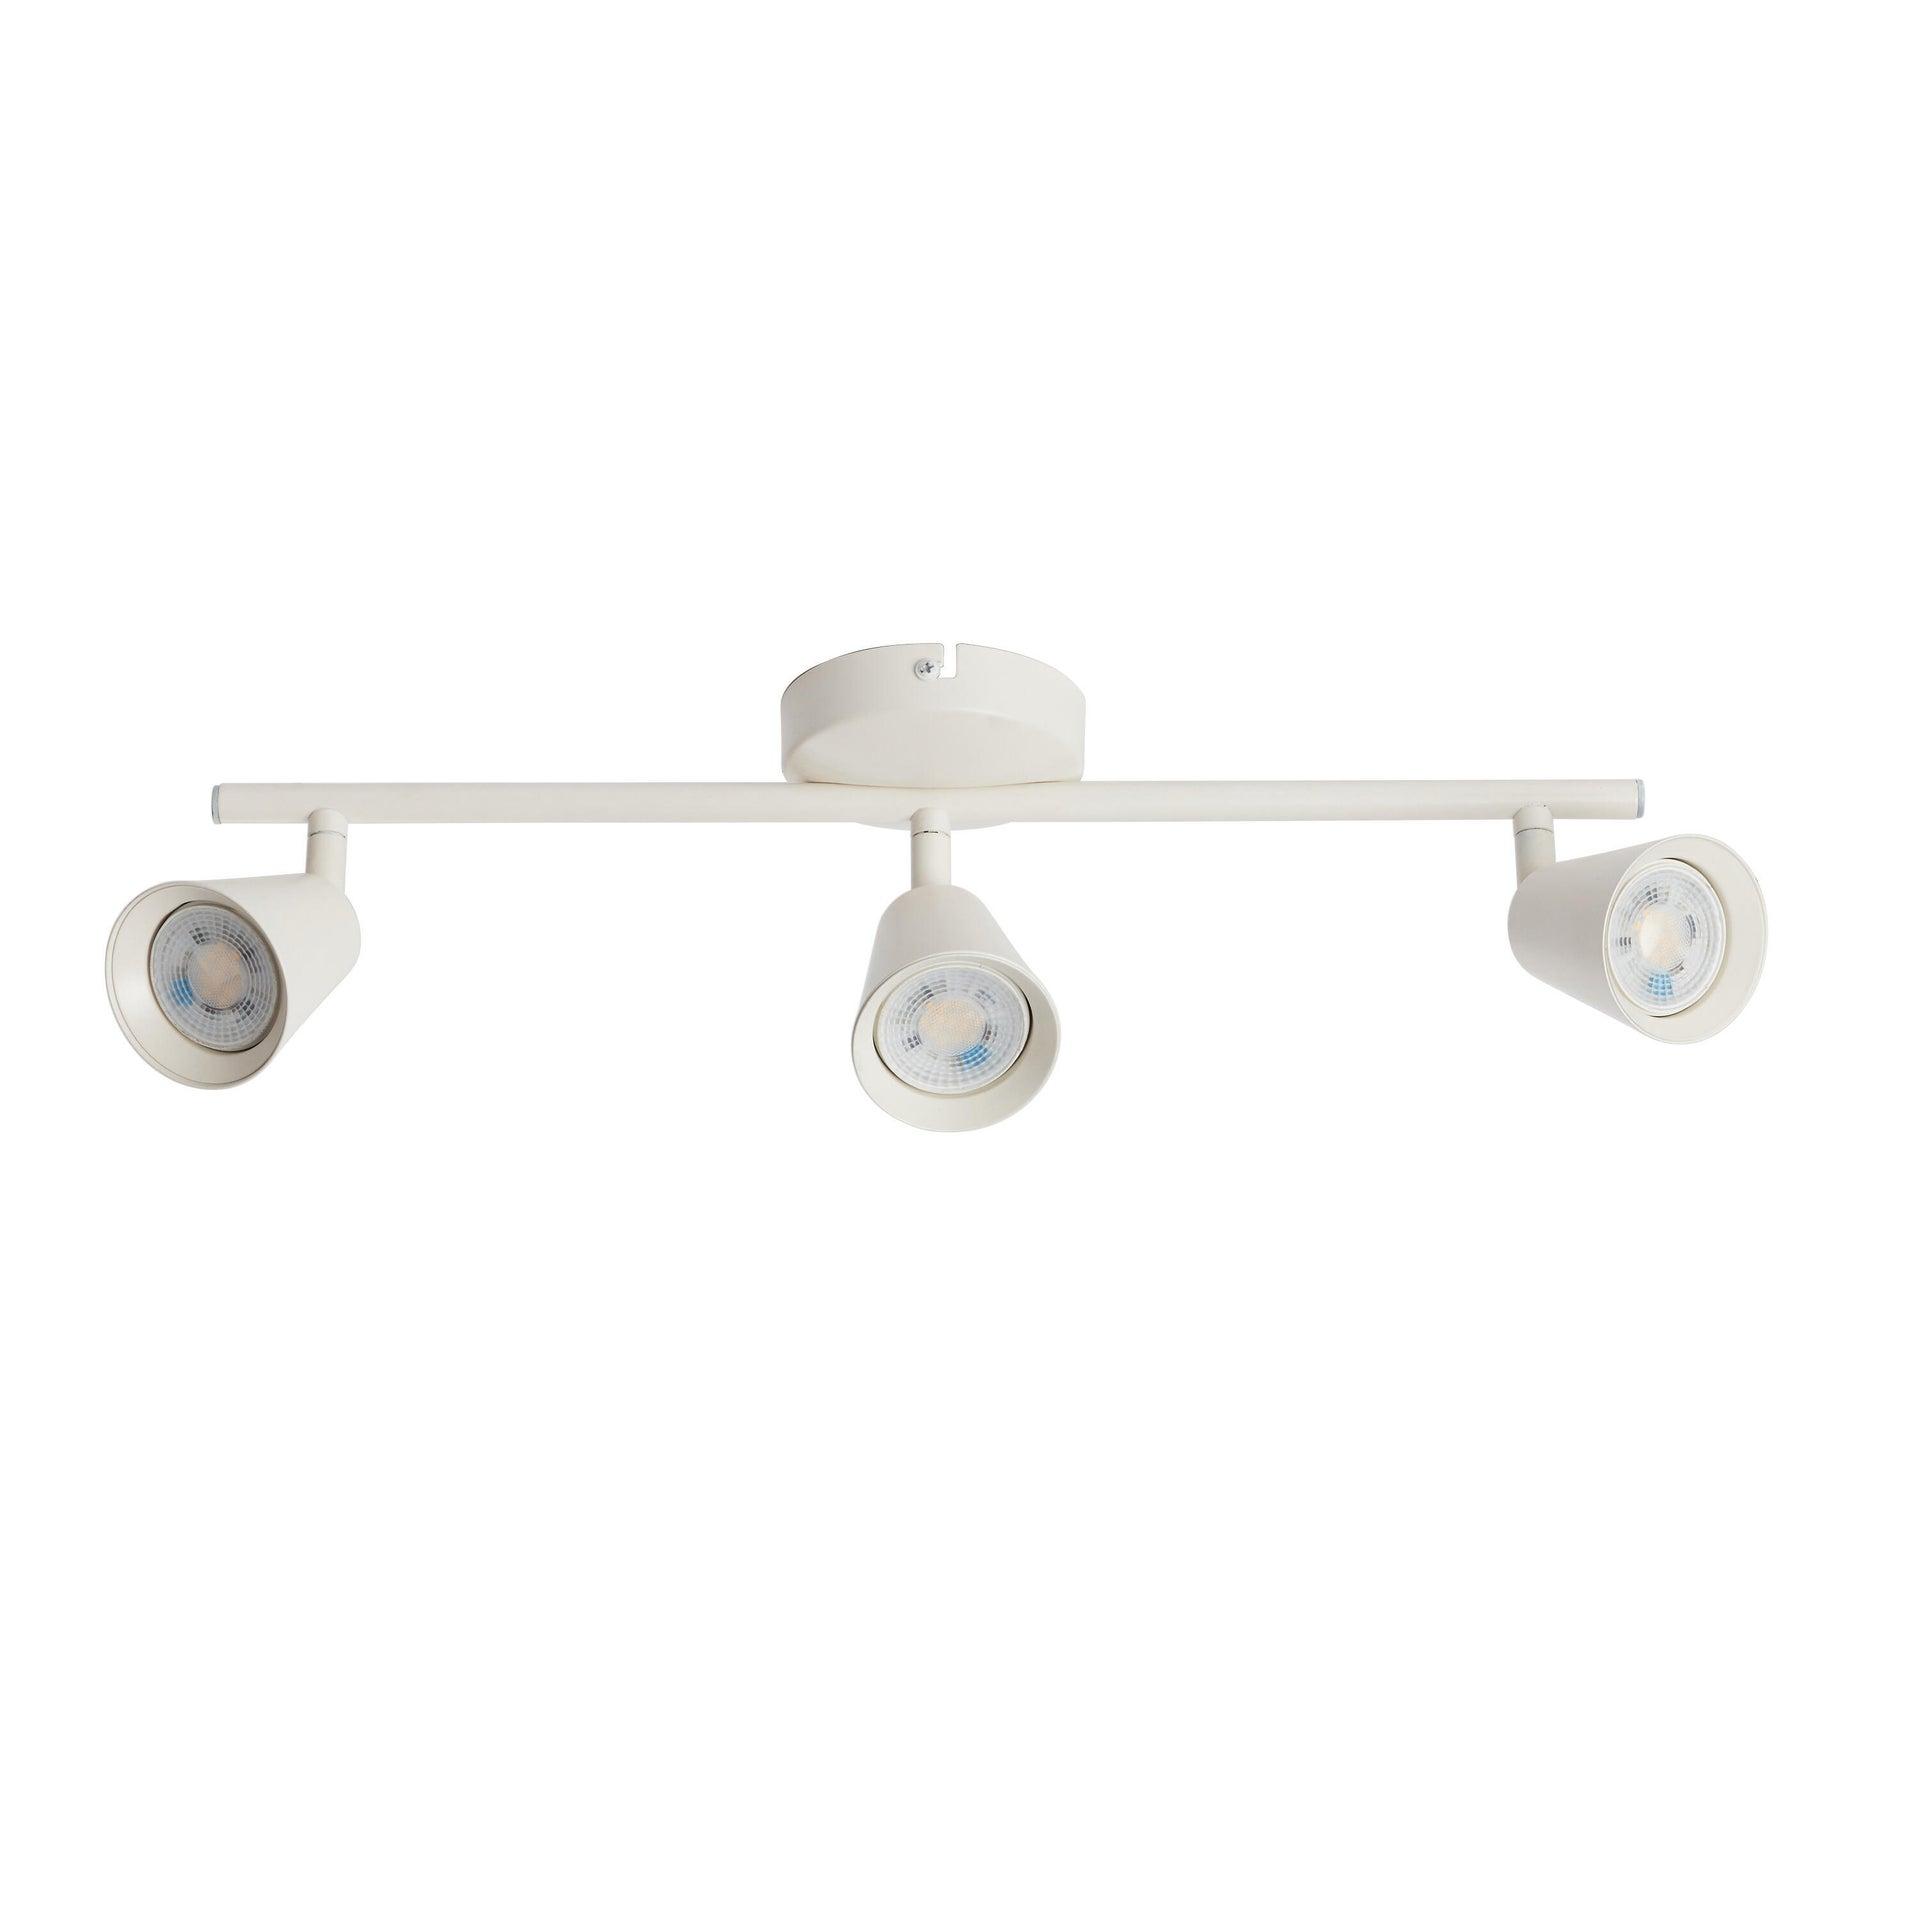 Barra di faretti Chapo bianco, in metallo, LED integrato 3.5W 840LM IP20 INSPIRE - 6